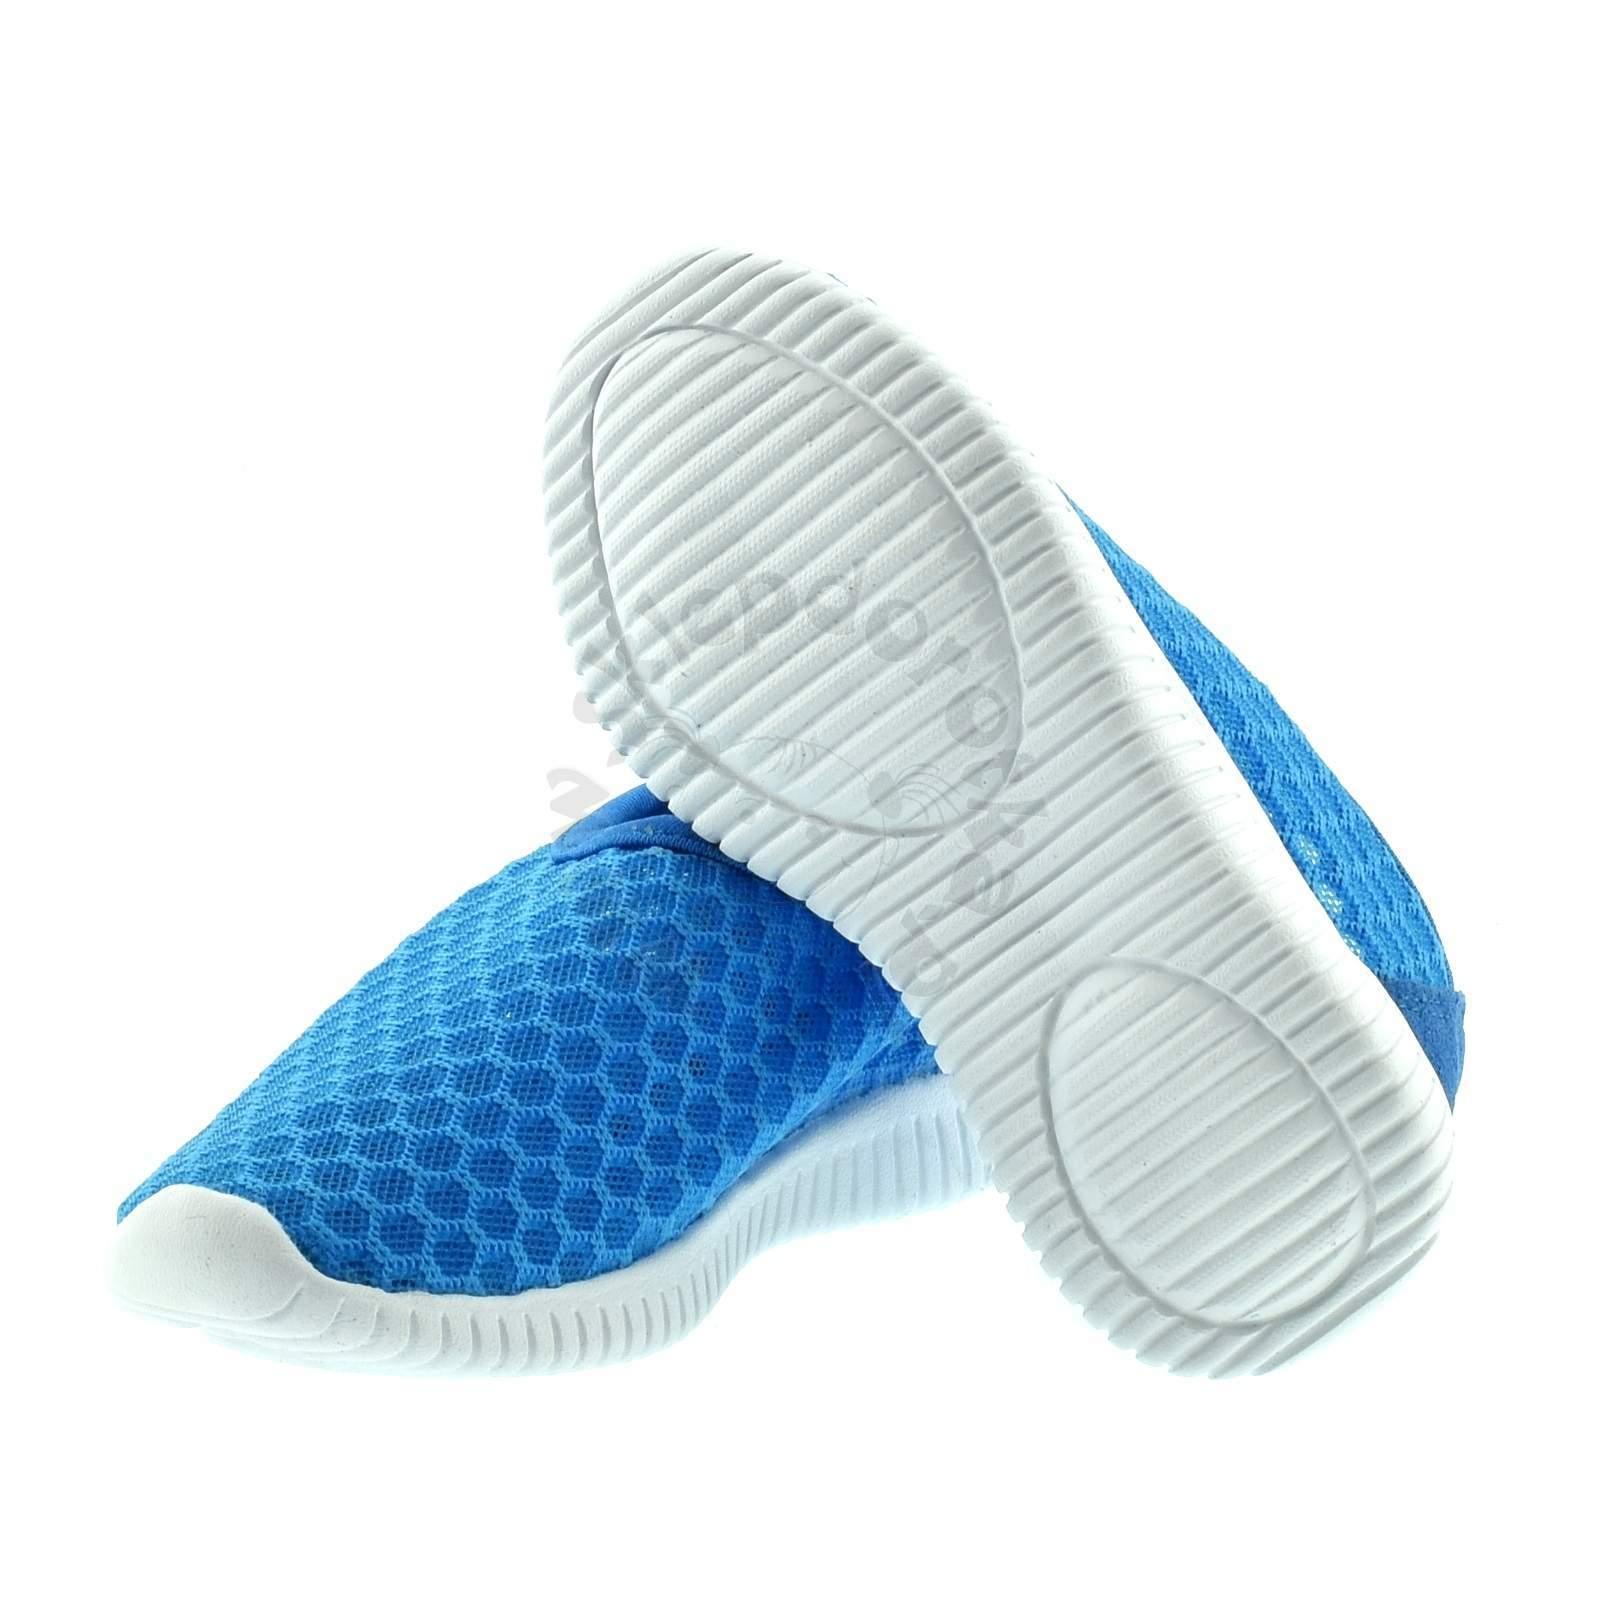 Adidasy dziecięce BN 40NA Niebieski, kolor niebieski (Apawwa)